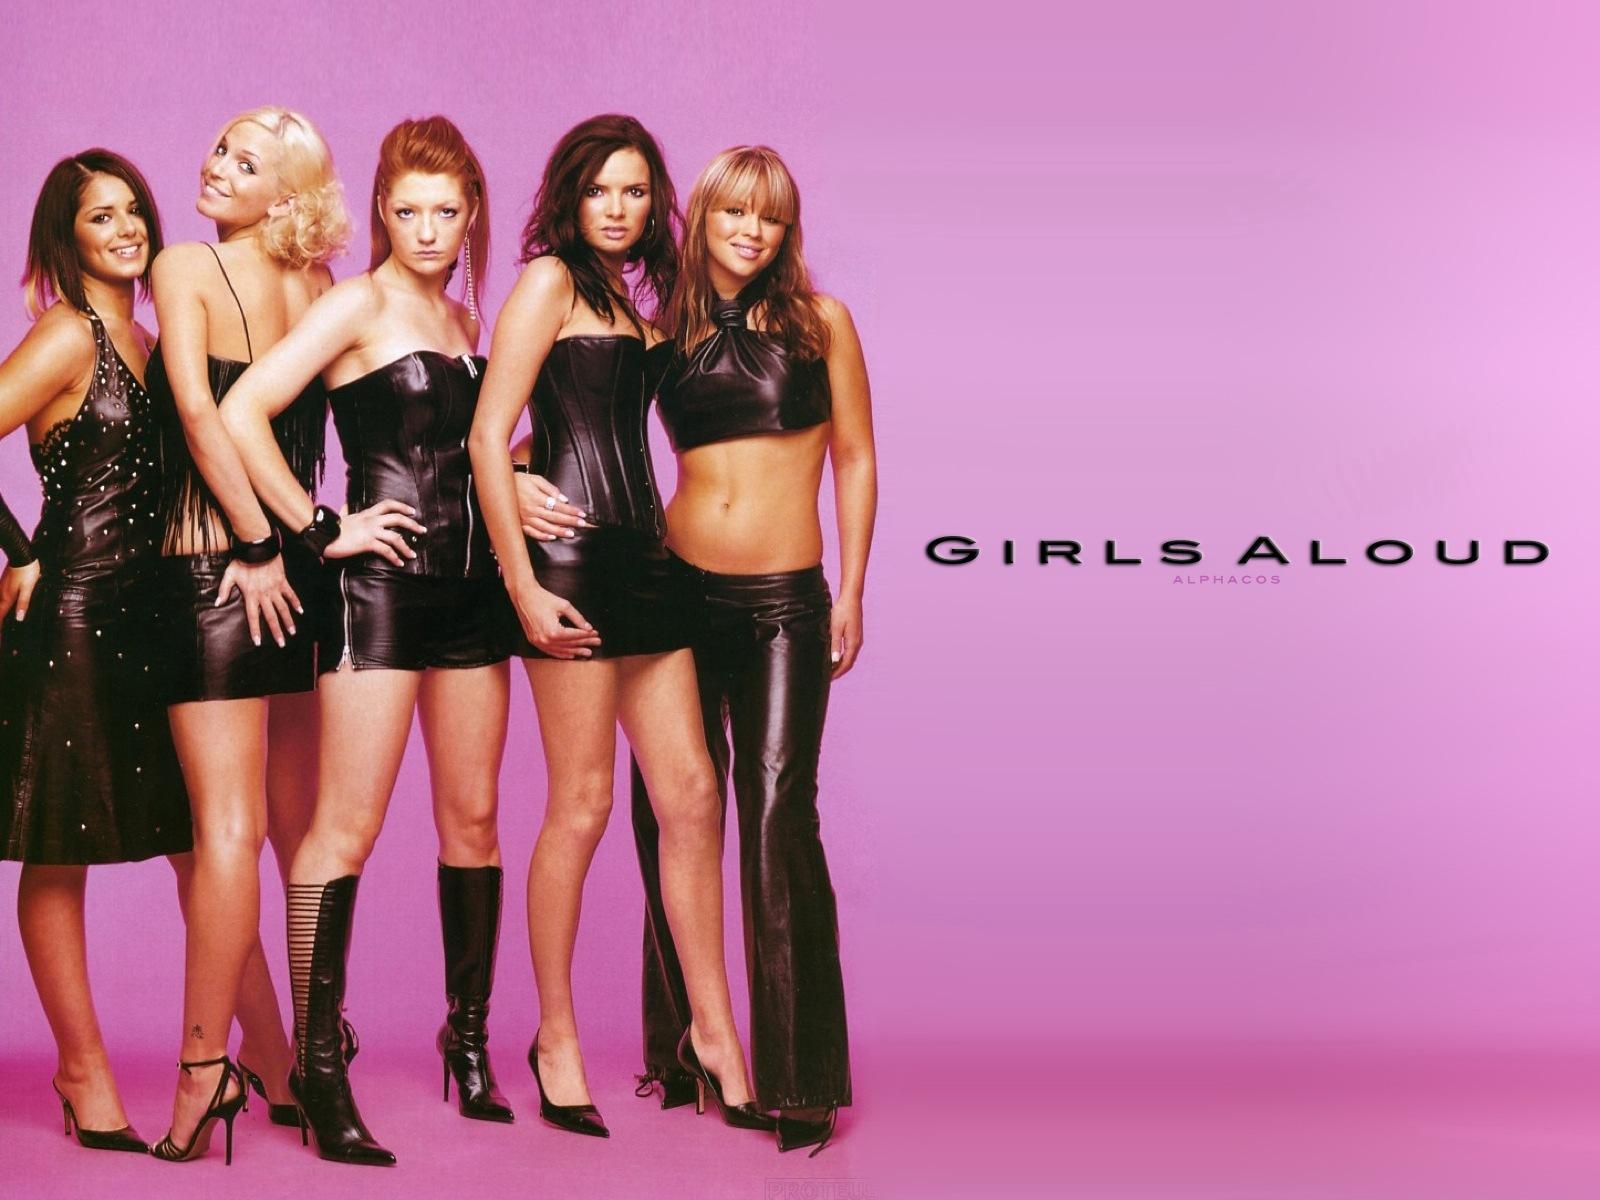 http://3.bp.blogspot.com/_5wt45Sgxoi8/THkudR46UoI/AAAAAAAAAus/7PCdTiiTW2A/s1600/girls_aloud_wallpaper.jpg